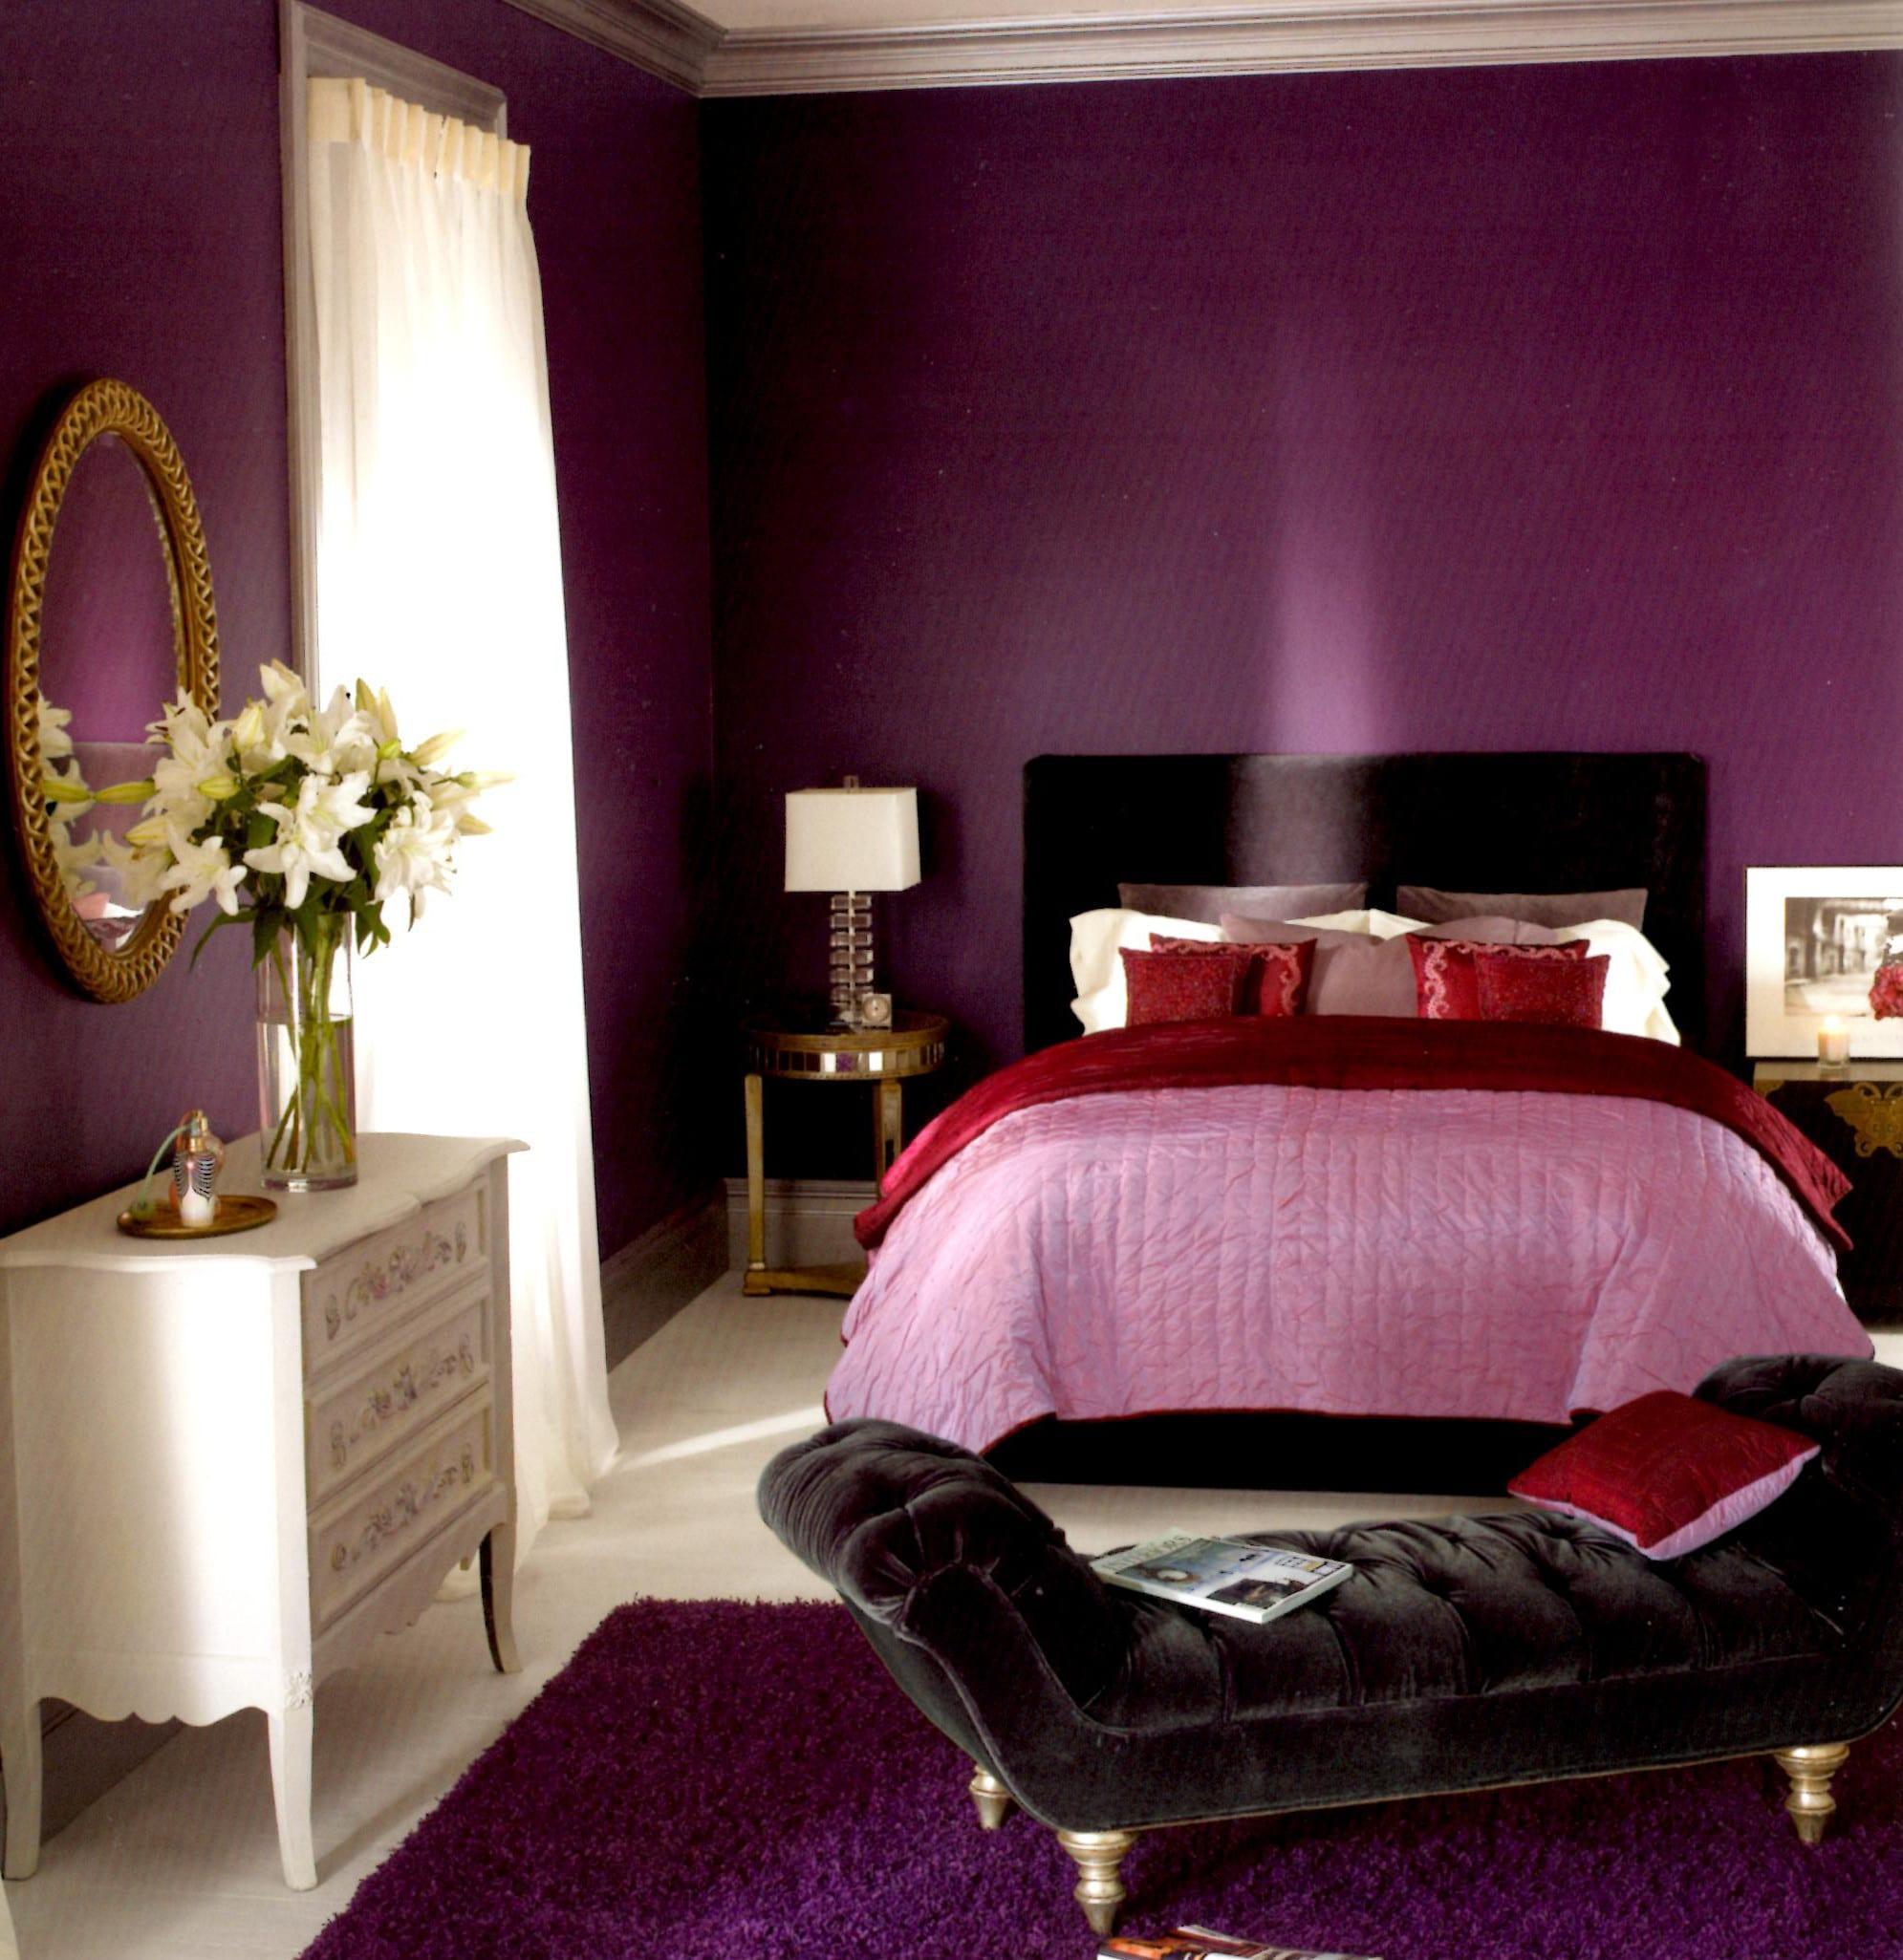 schlafzimmer lila mit bett und sessel aus schwarzem Samt-spiegel im schlafzimmer